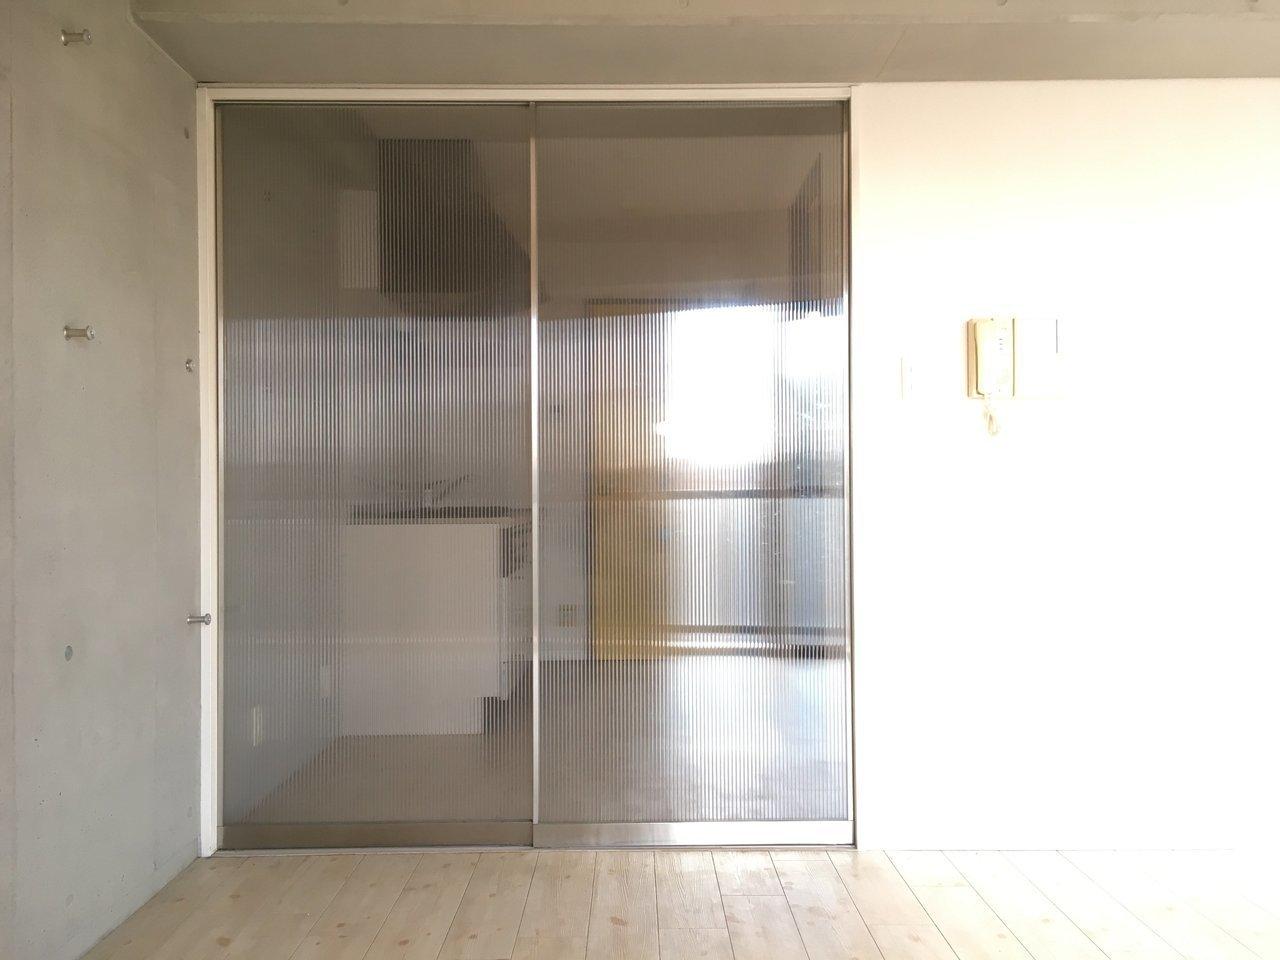 キッチンとの仕切りは光を通すように半透明。かっこいい。